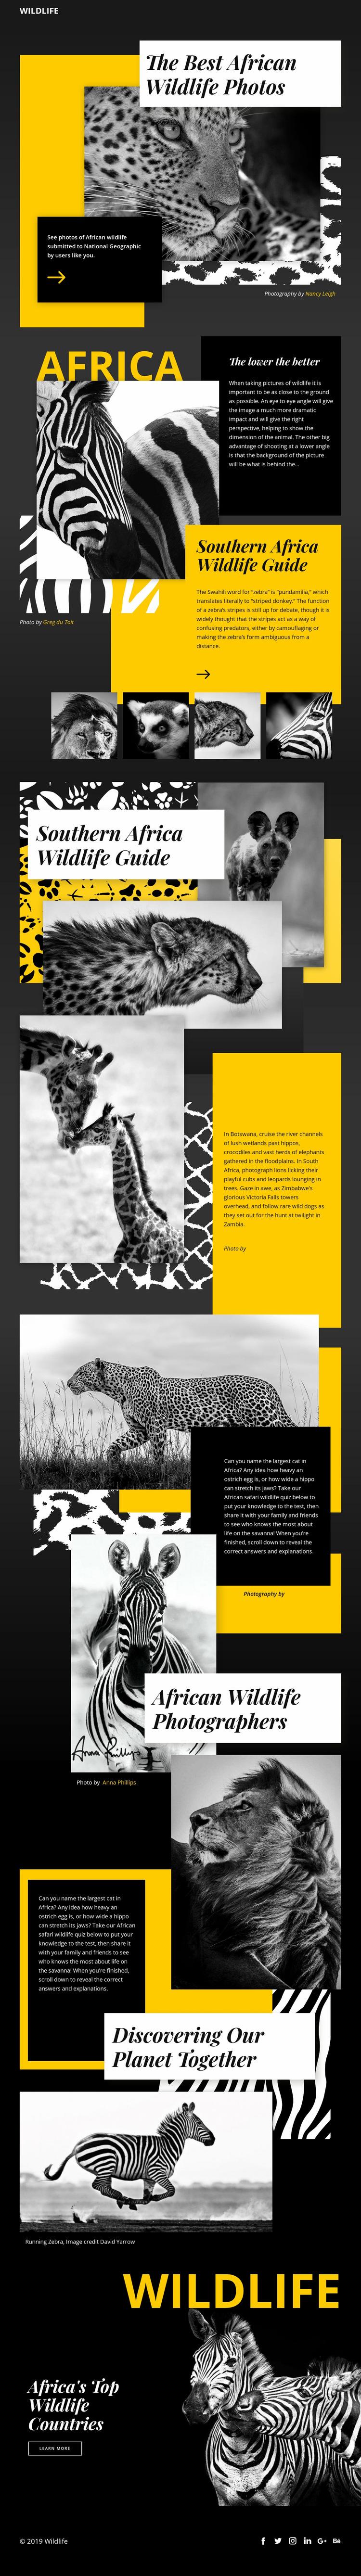 Wildlife Photos Website Builder